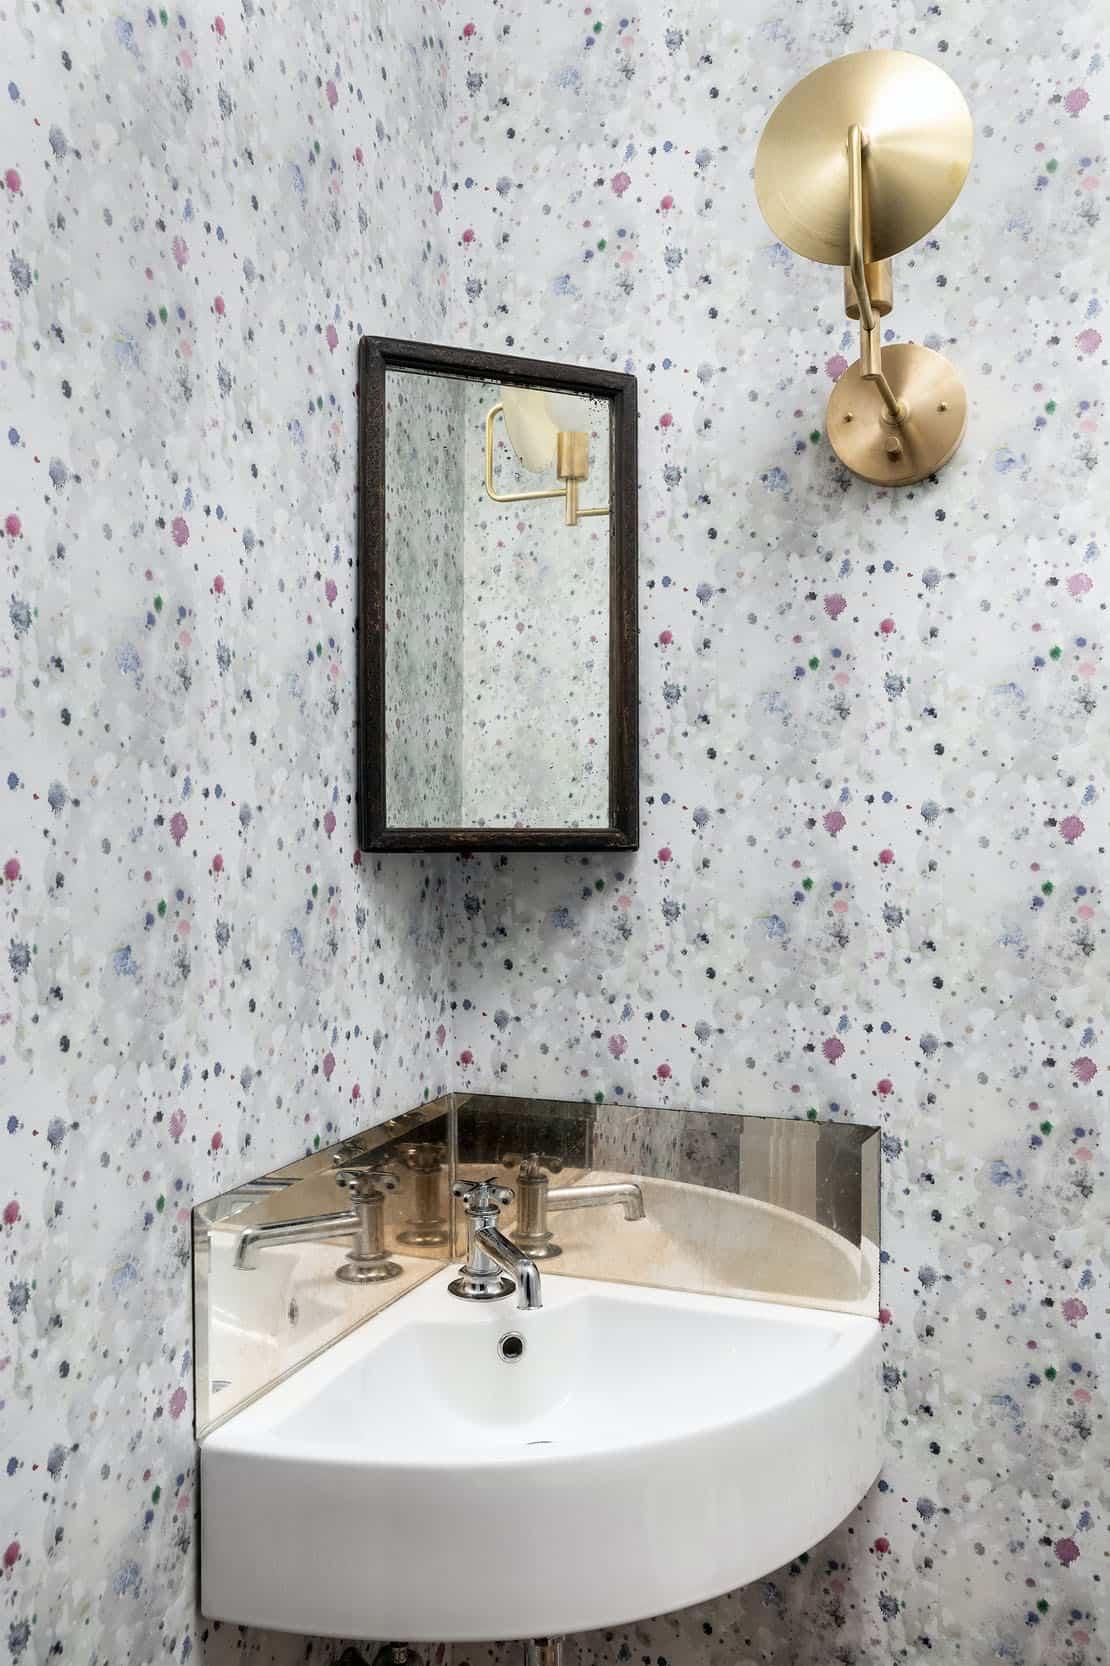 bain de poudre de style ferme